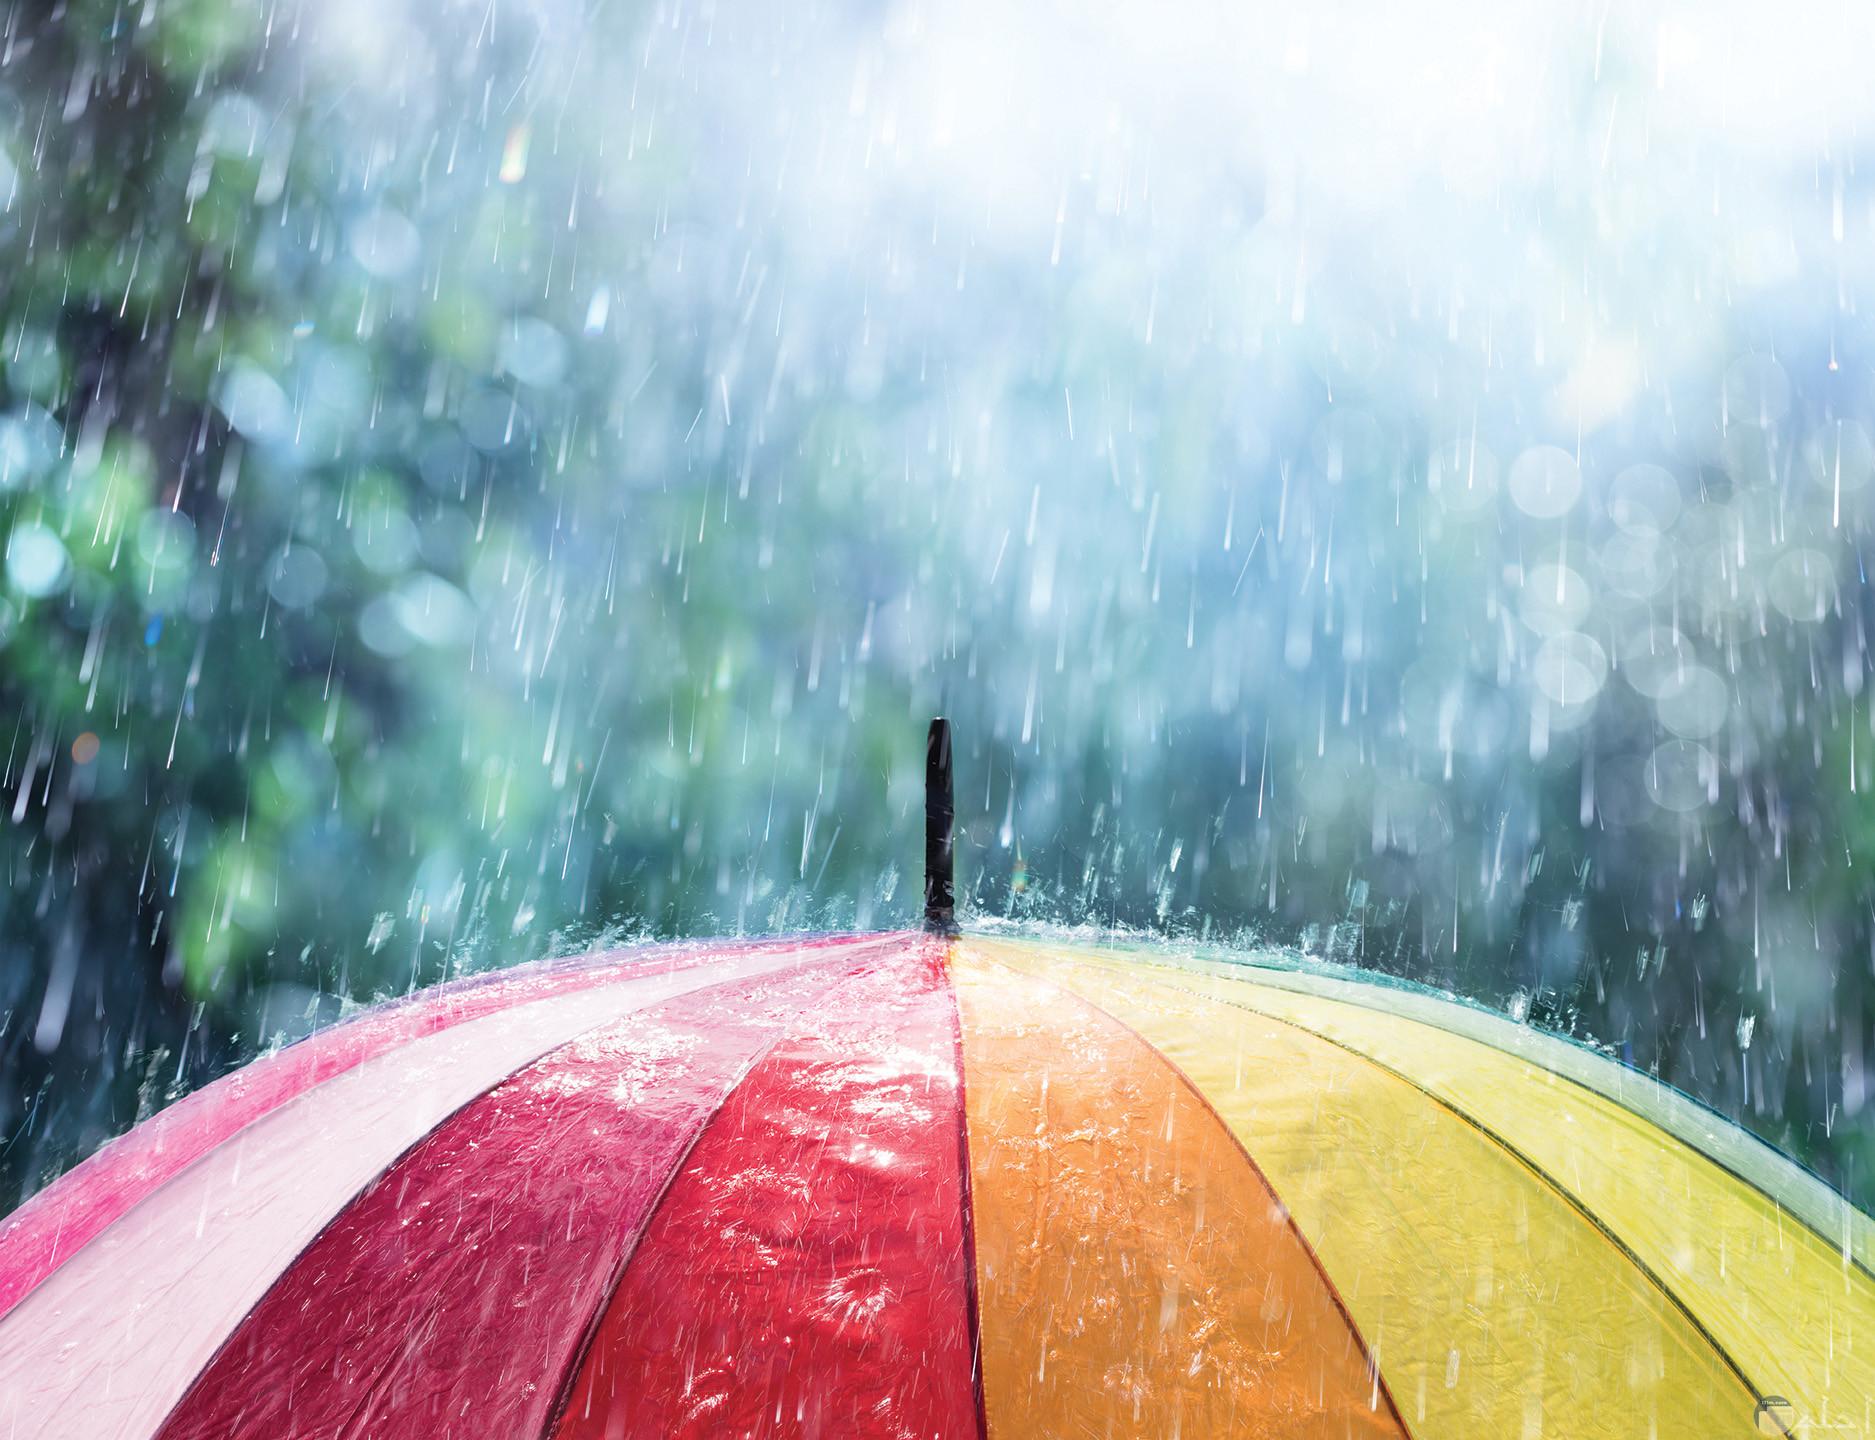 سقوط المطر على المظلة الملونة.